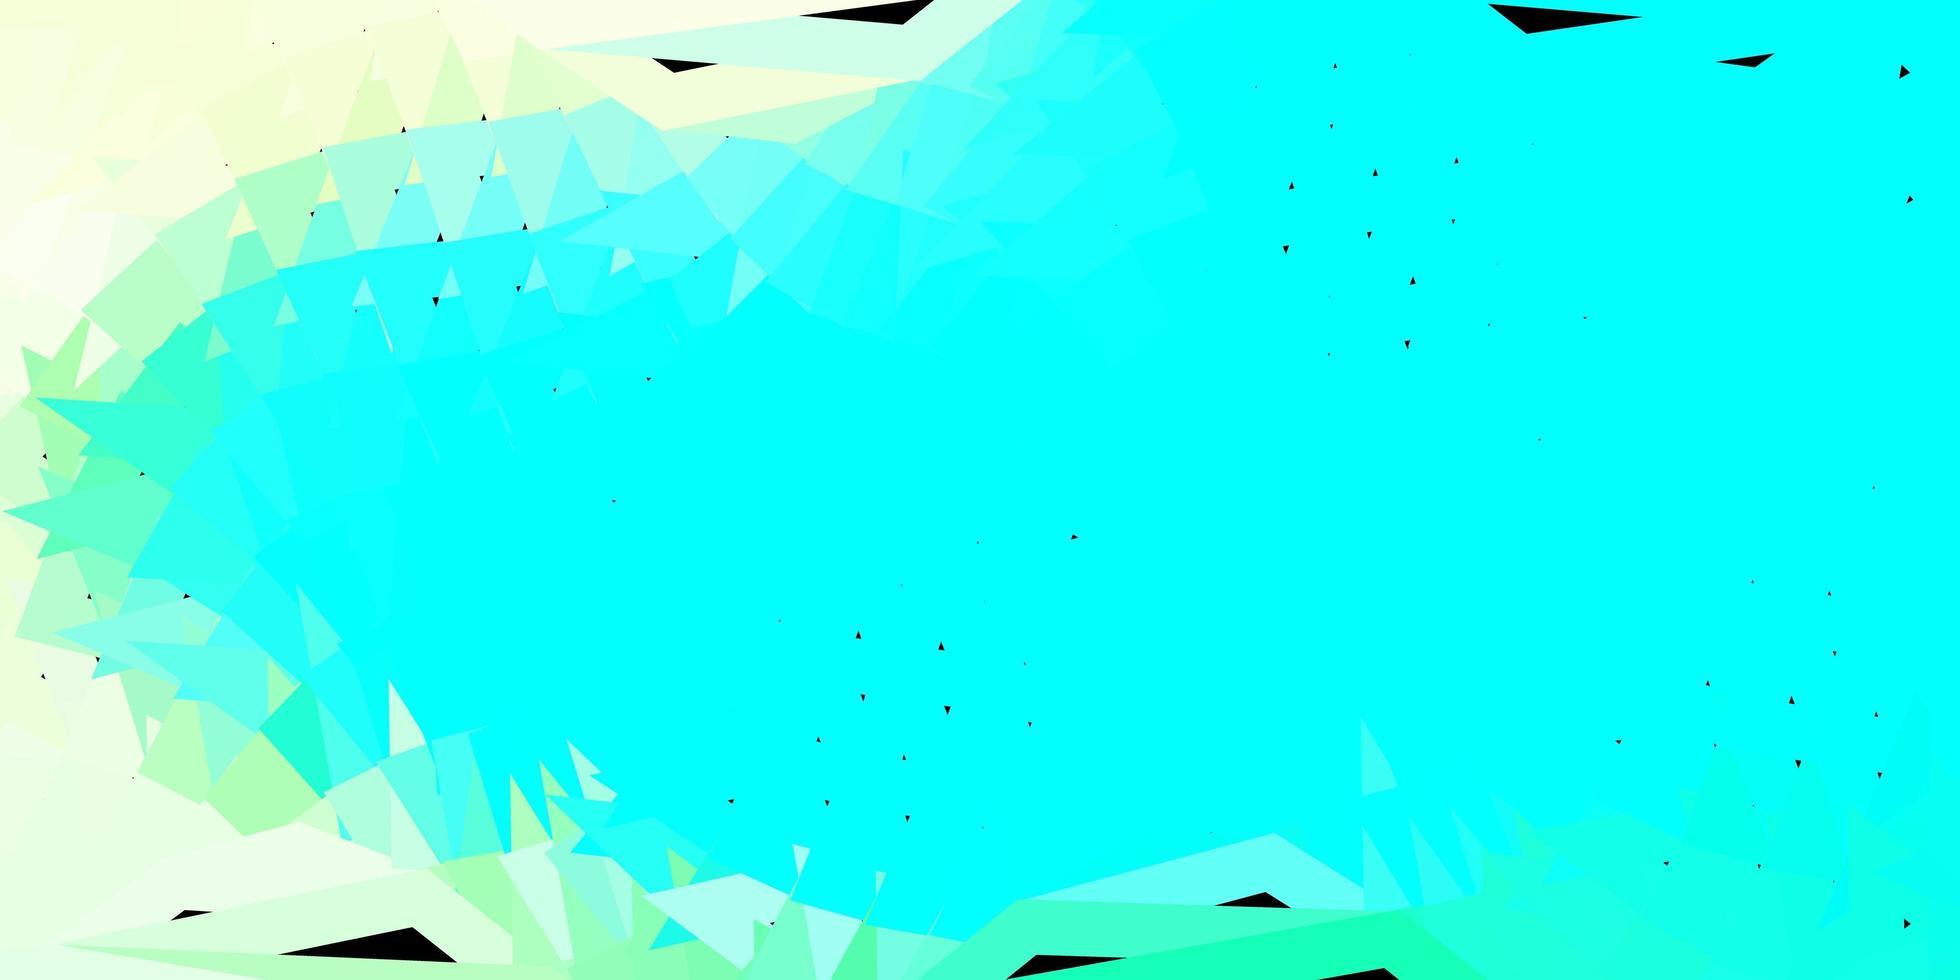 ljusblått, grönt vektorabstrakt triangelmönster. vektor